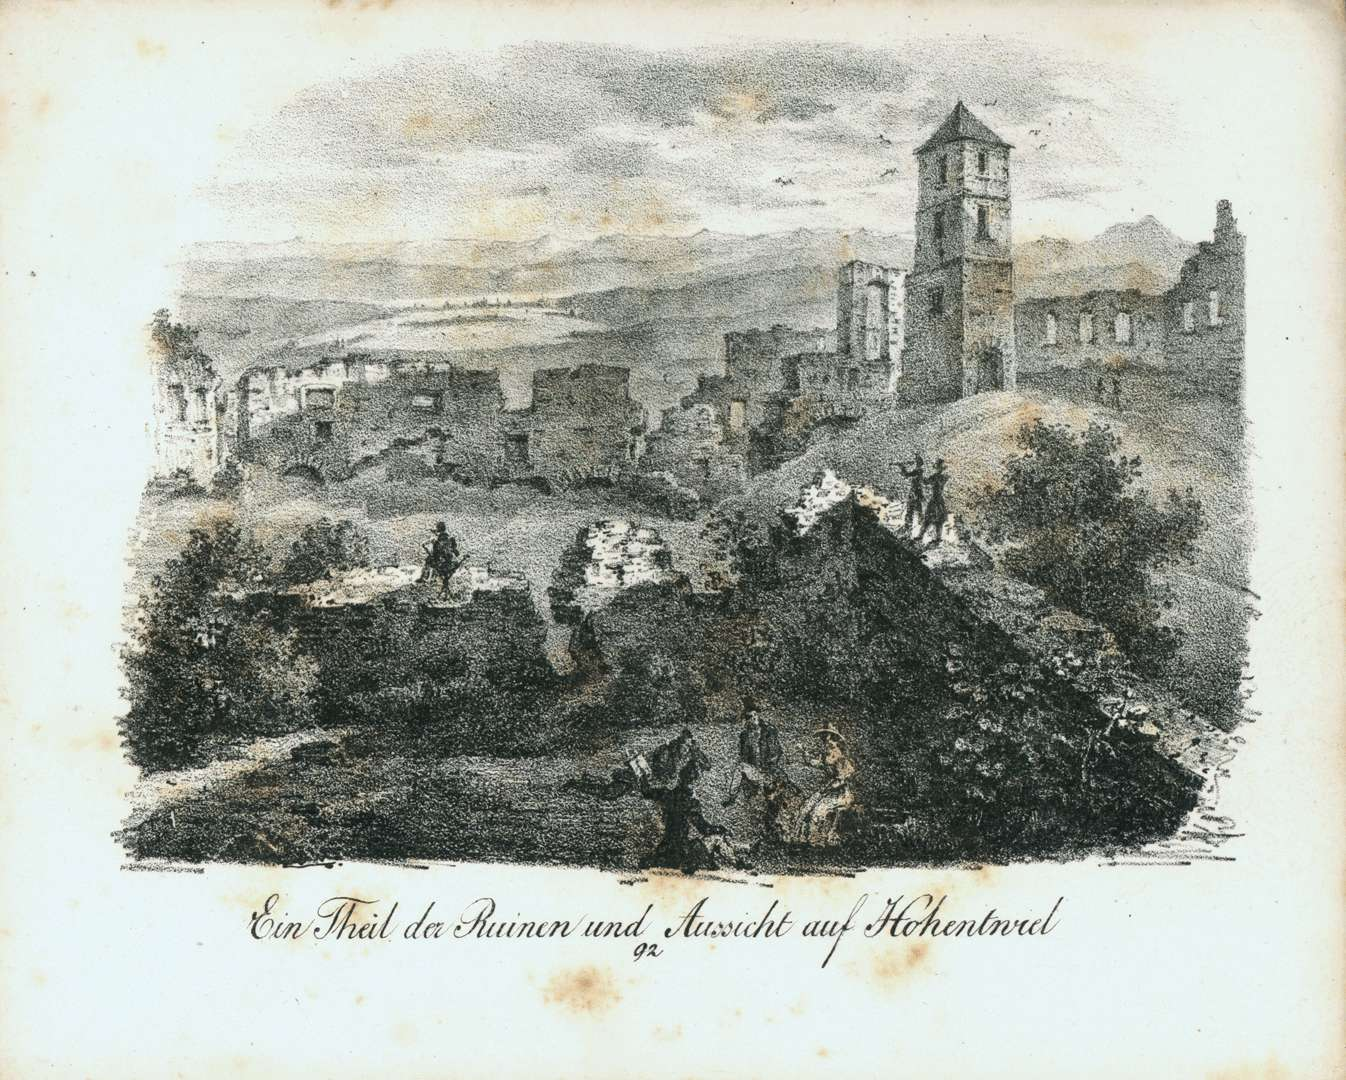 Ein Theil der Ruinen und Aussicht auf Hohentwiel, Bild 1